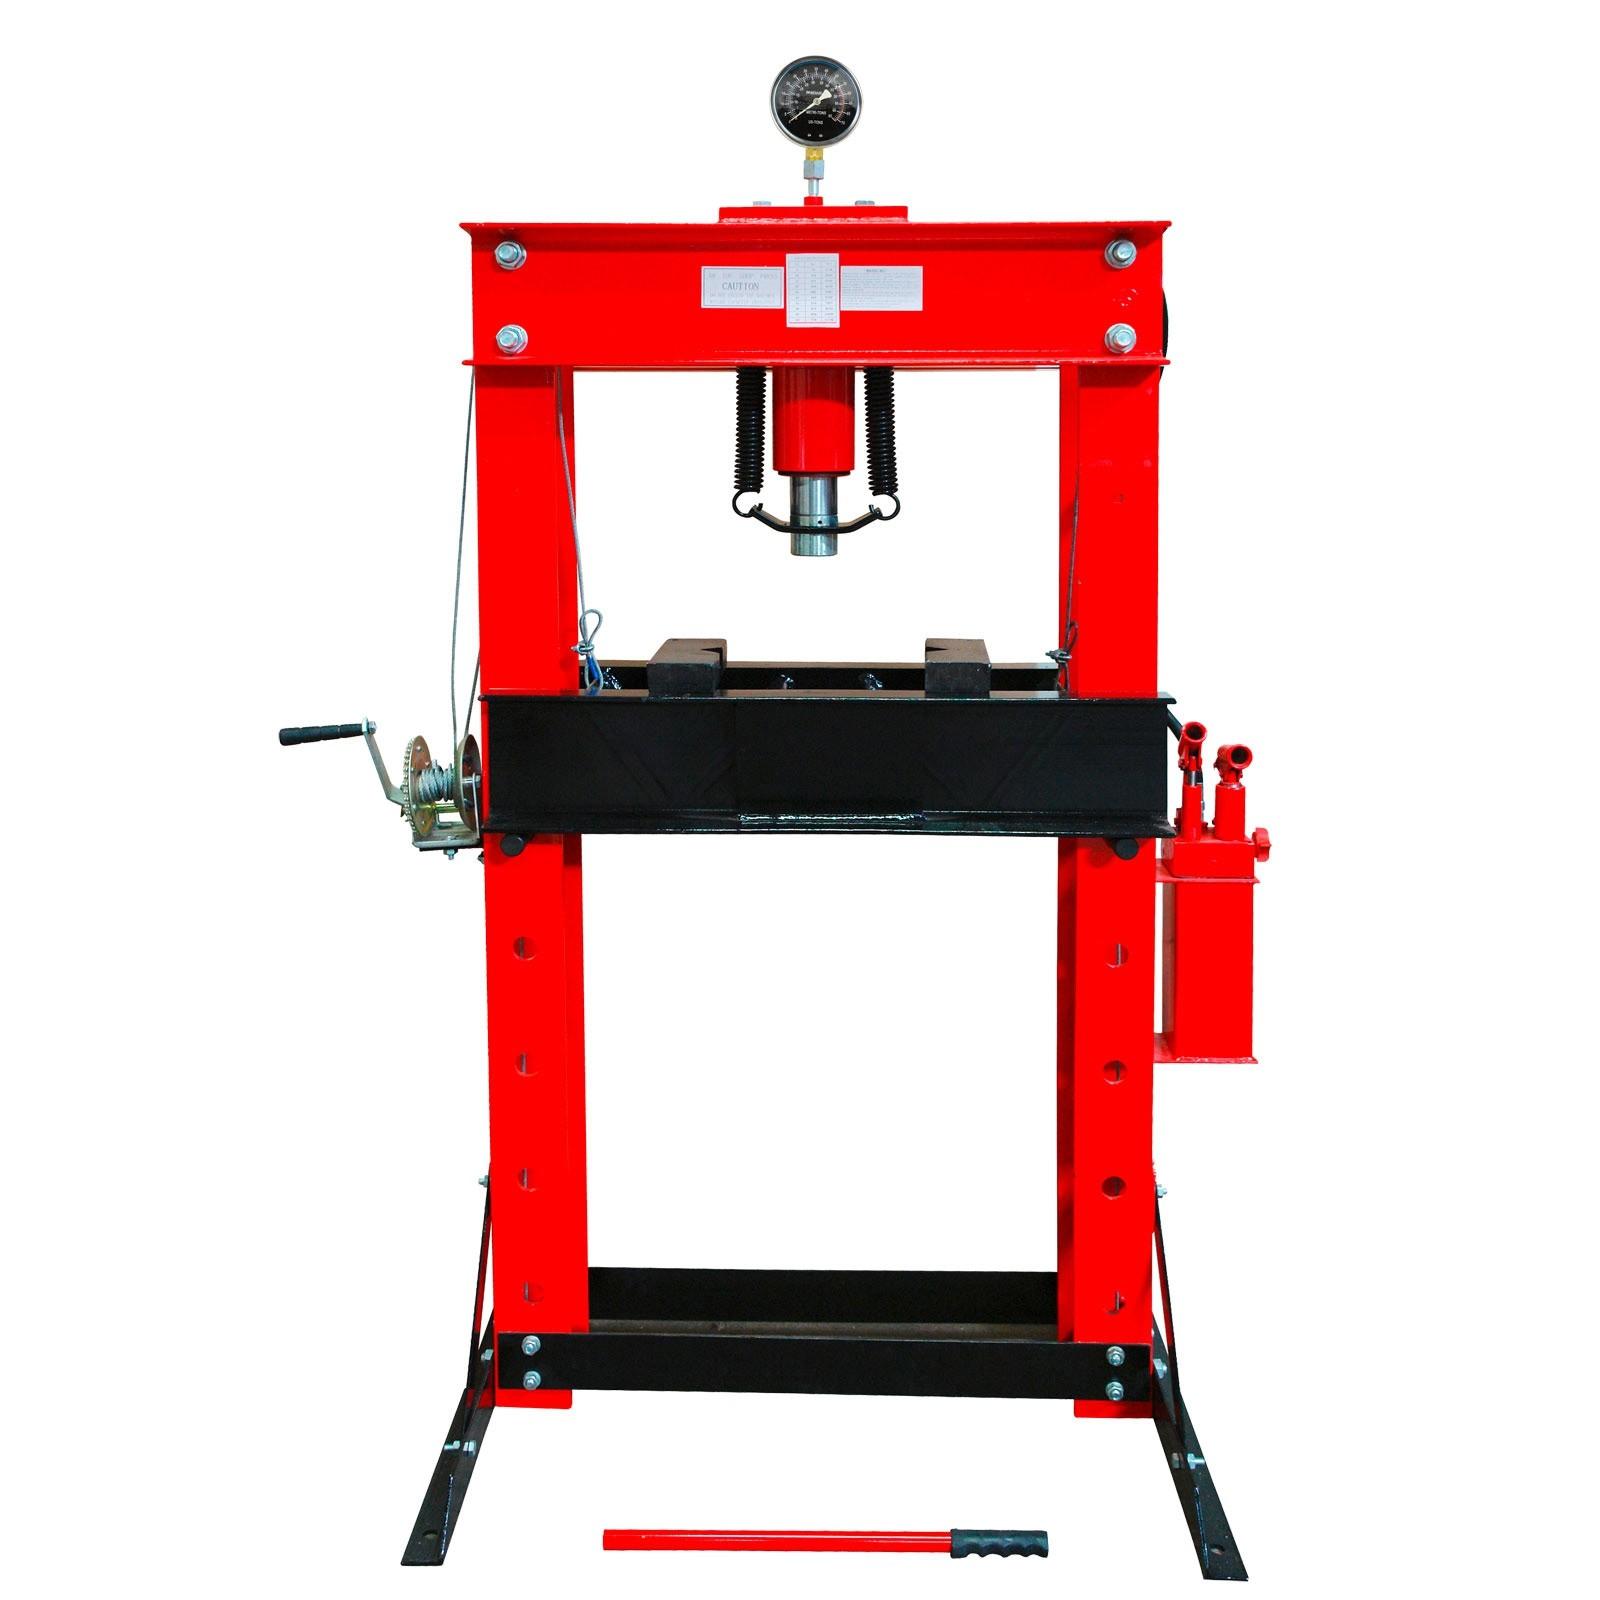 Dema Werkstattpresse hydraulisch 50 Tonnen Presse Hydraulikpresse 24482